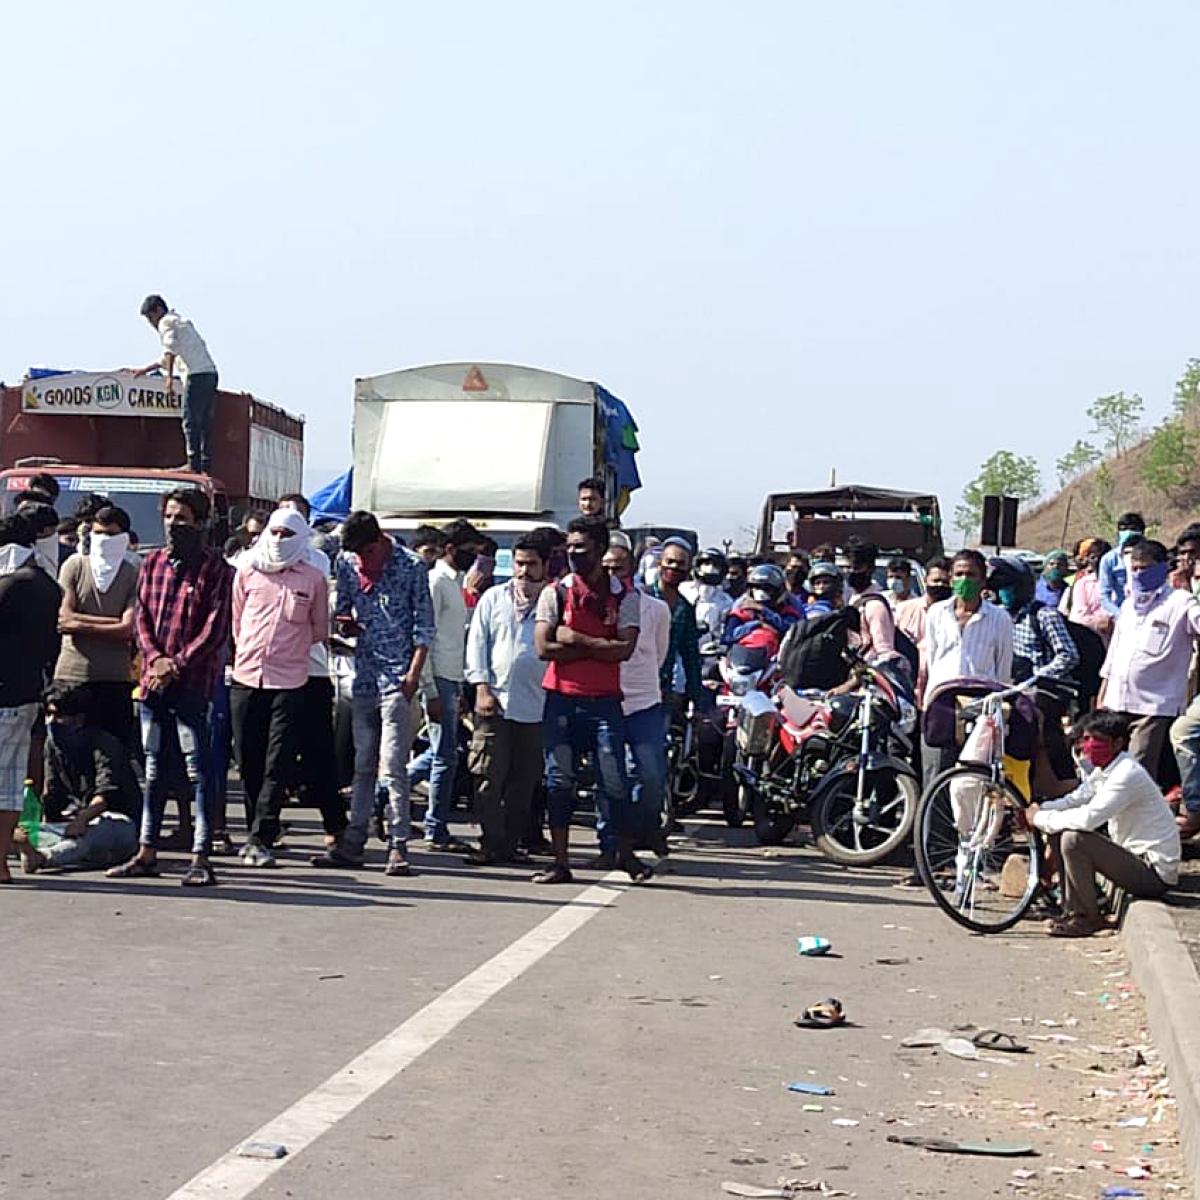 Madhya Pradesh: Over 2,500 labourers of UP create ruckus, pelt stones in Sendhwa